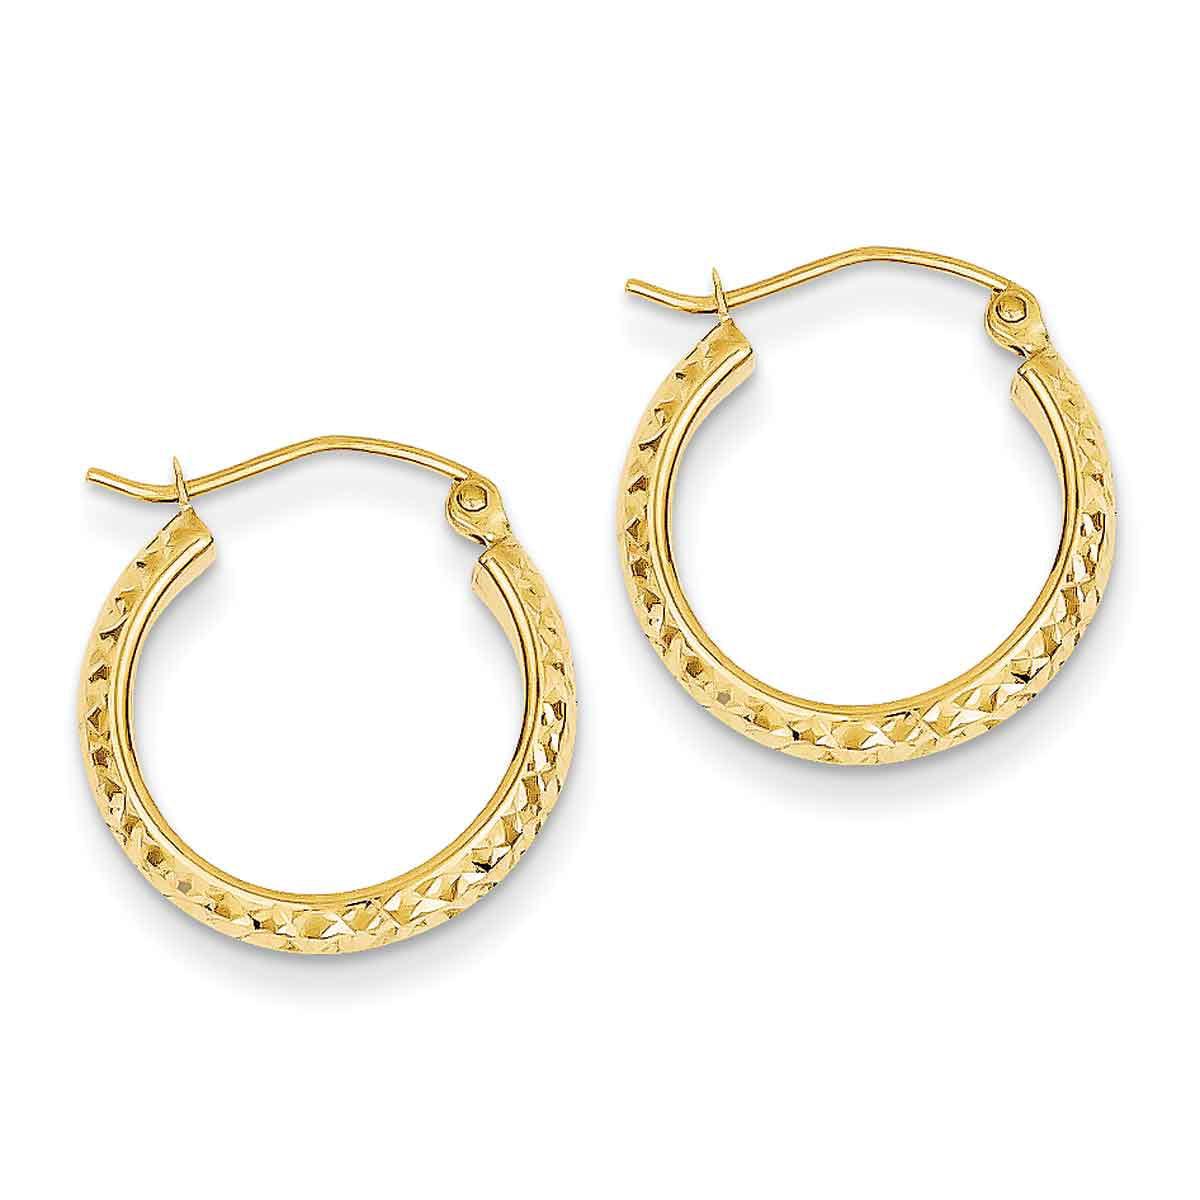 14K White Gold Diamond-cut 3.5x28mm Hollow Hoop Earrings